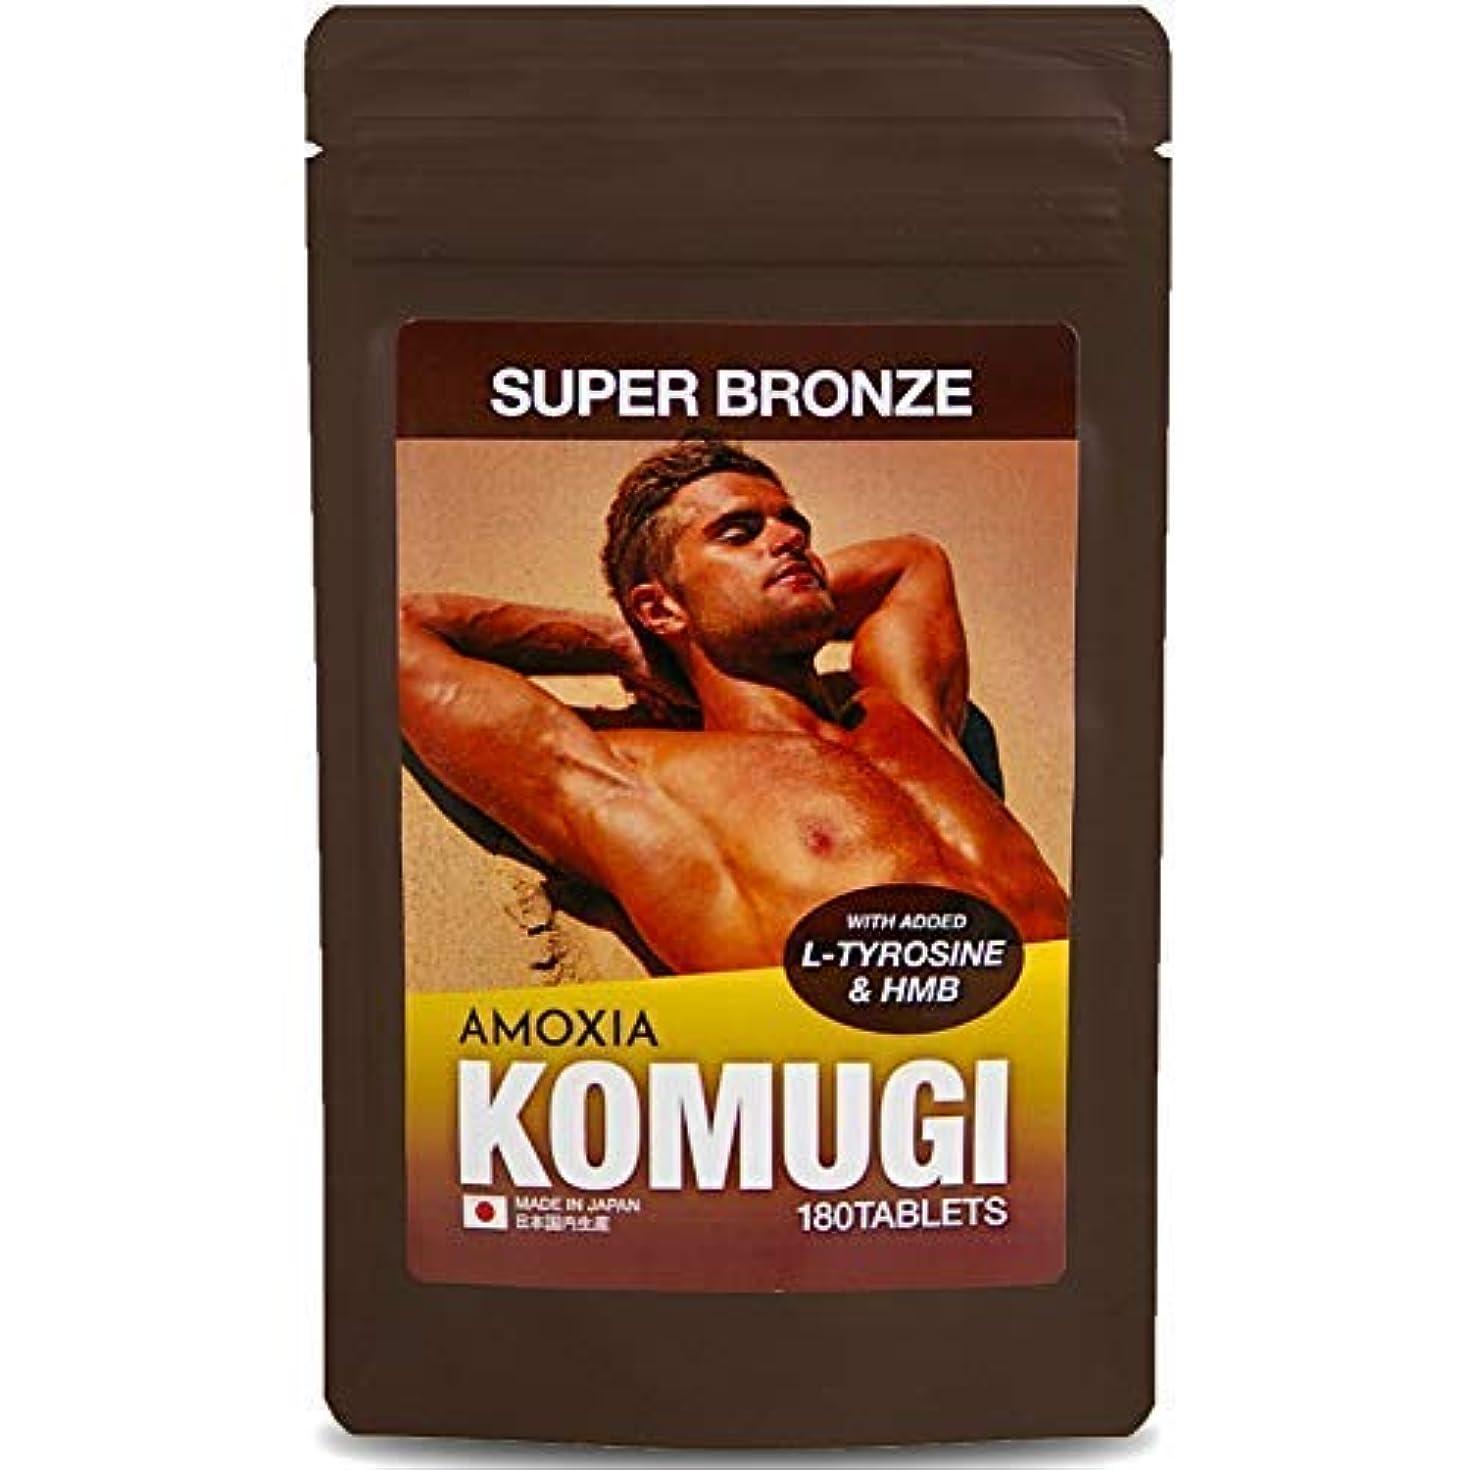 水平生きている状KOMUGI 日焼けと筋肉増強で新発想の飲むタンニング タンニングサプリメント 安心の国産 HMB配合 国産シェア100%